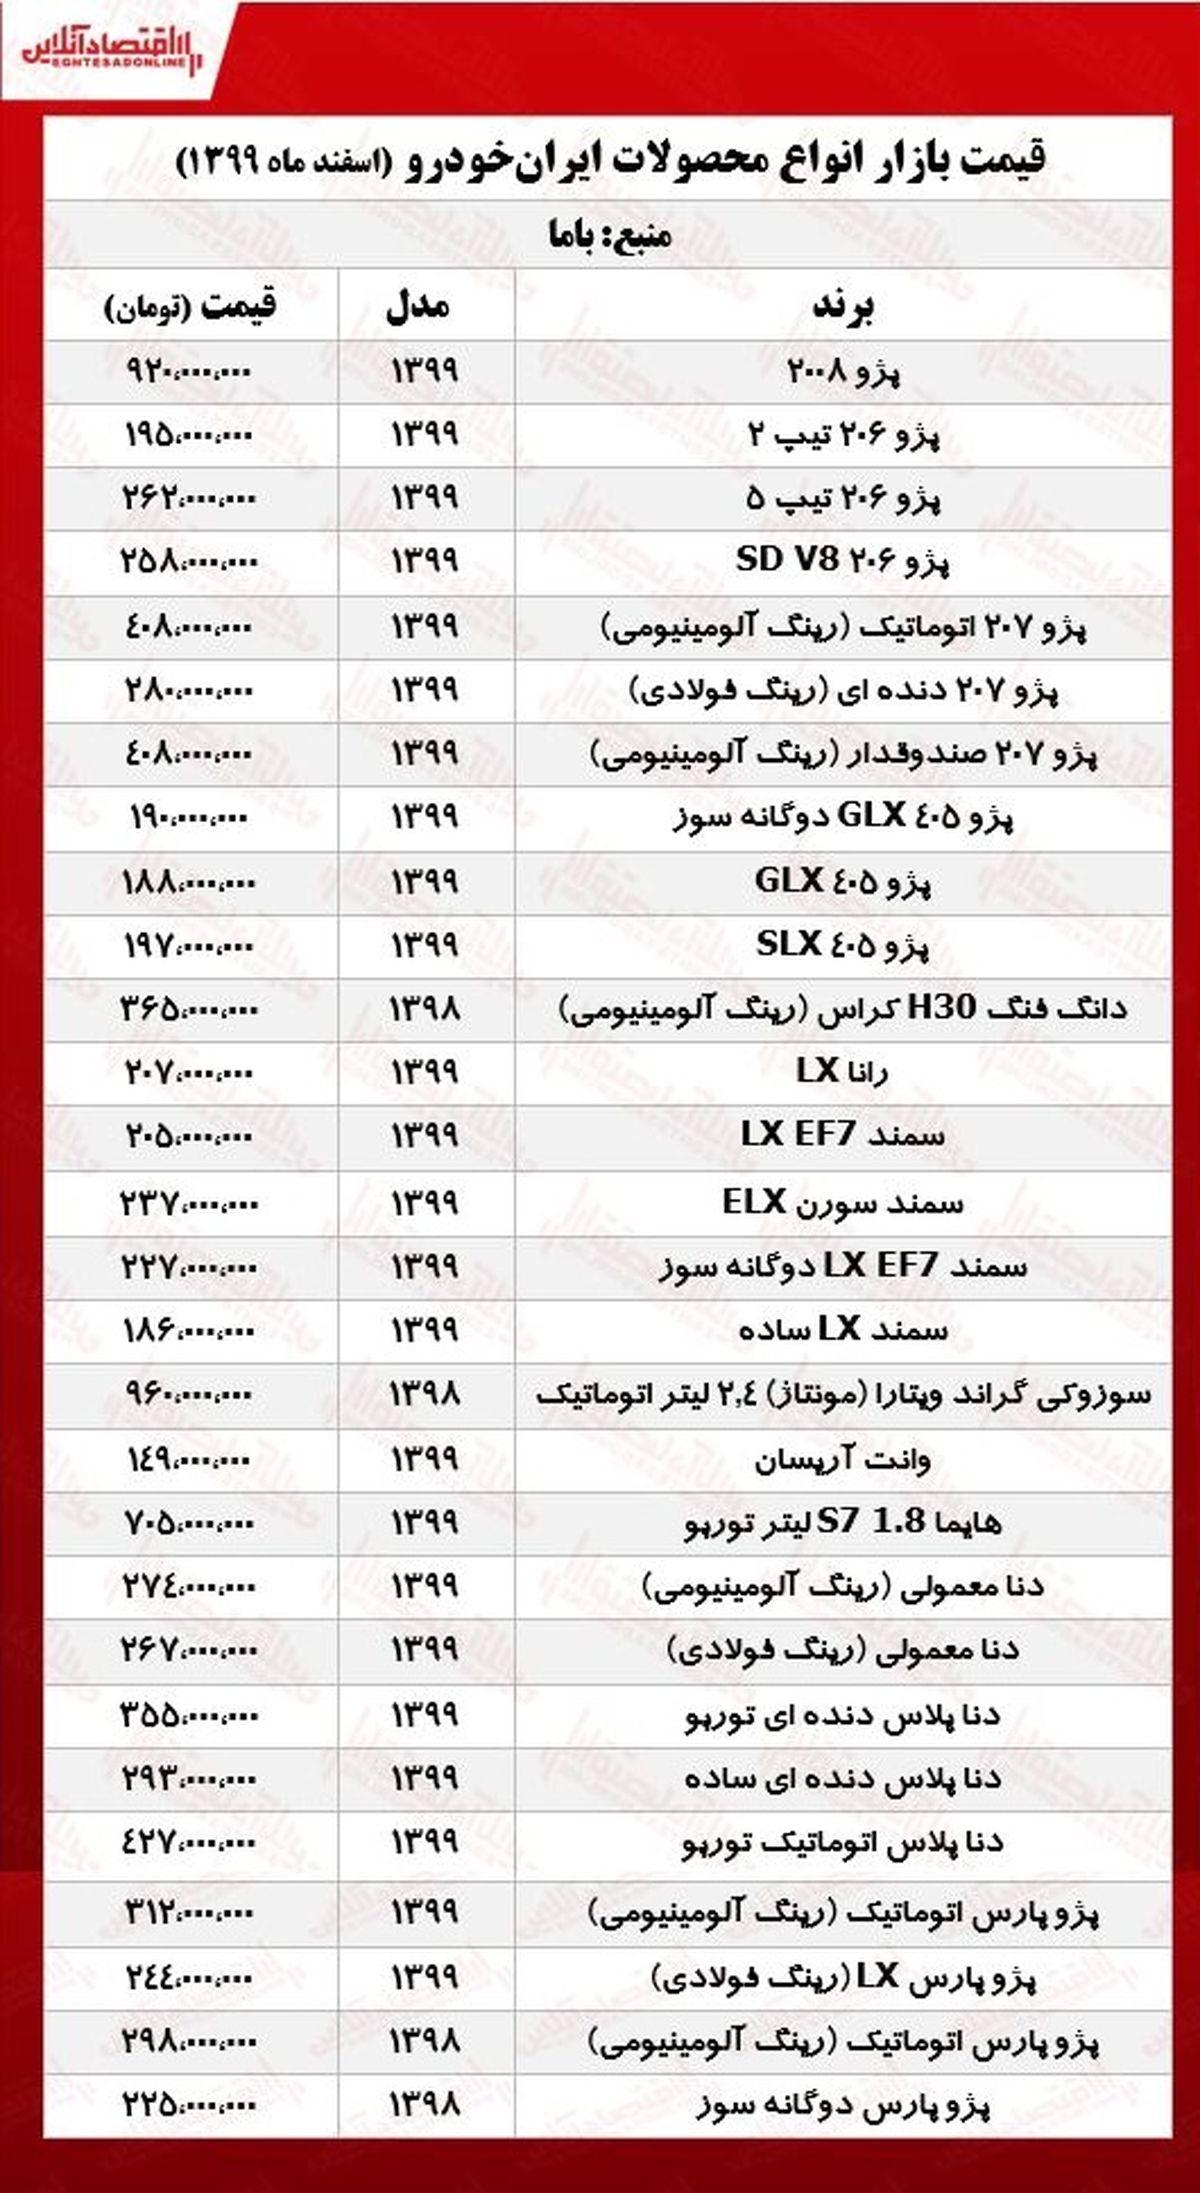 قیمت محصولات ایران خودرو امروز ۹۹/۱۲/۱۲